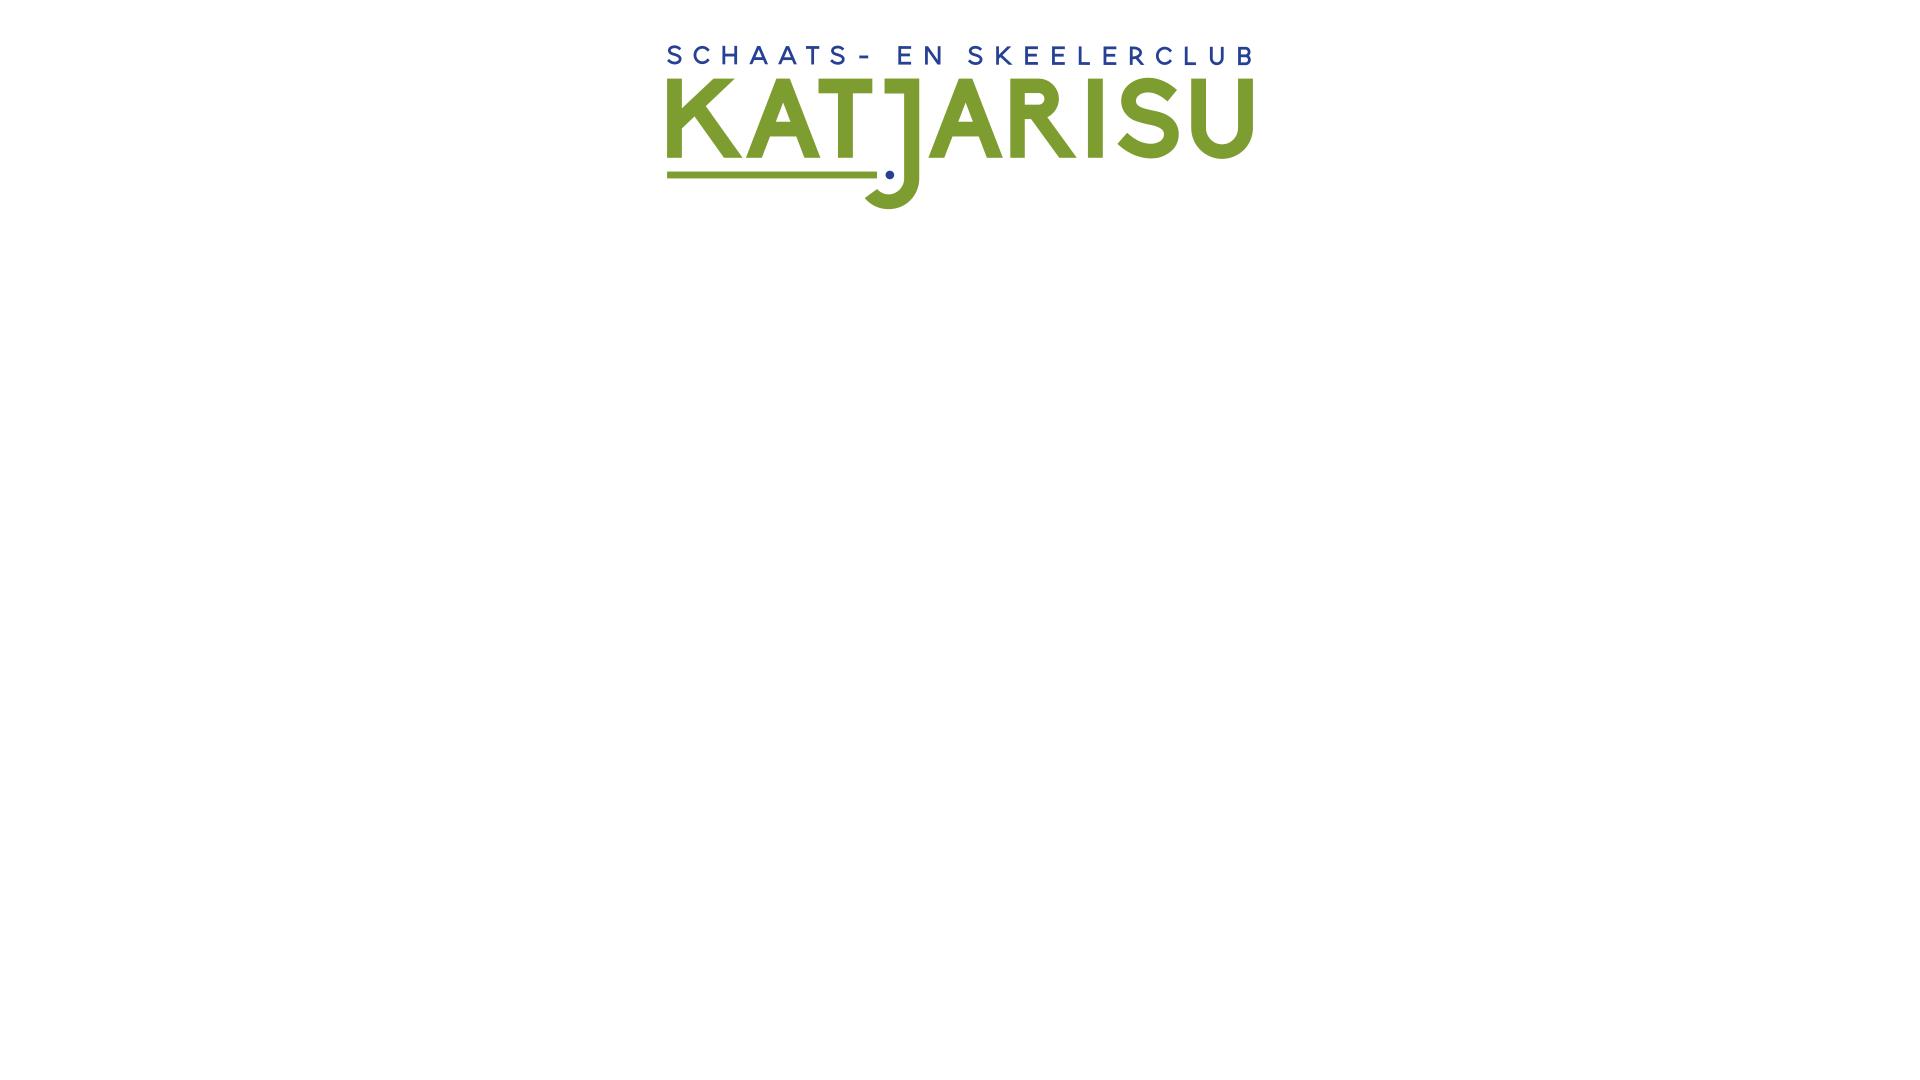 Katjarisu